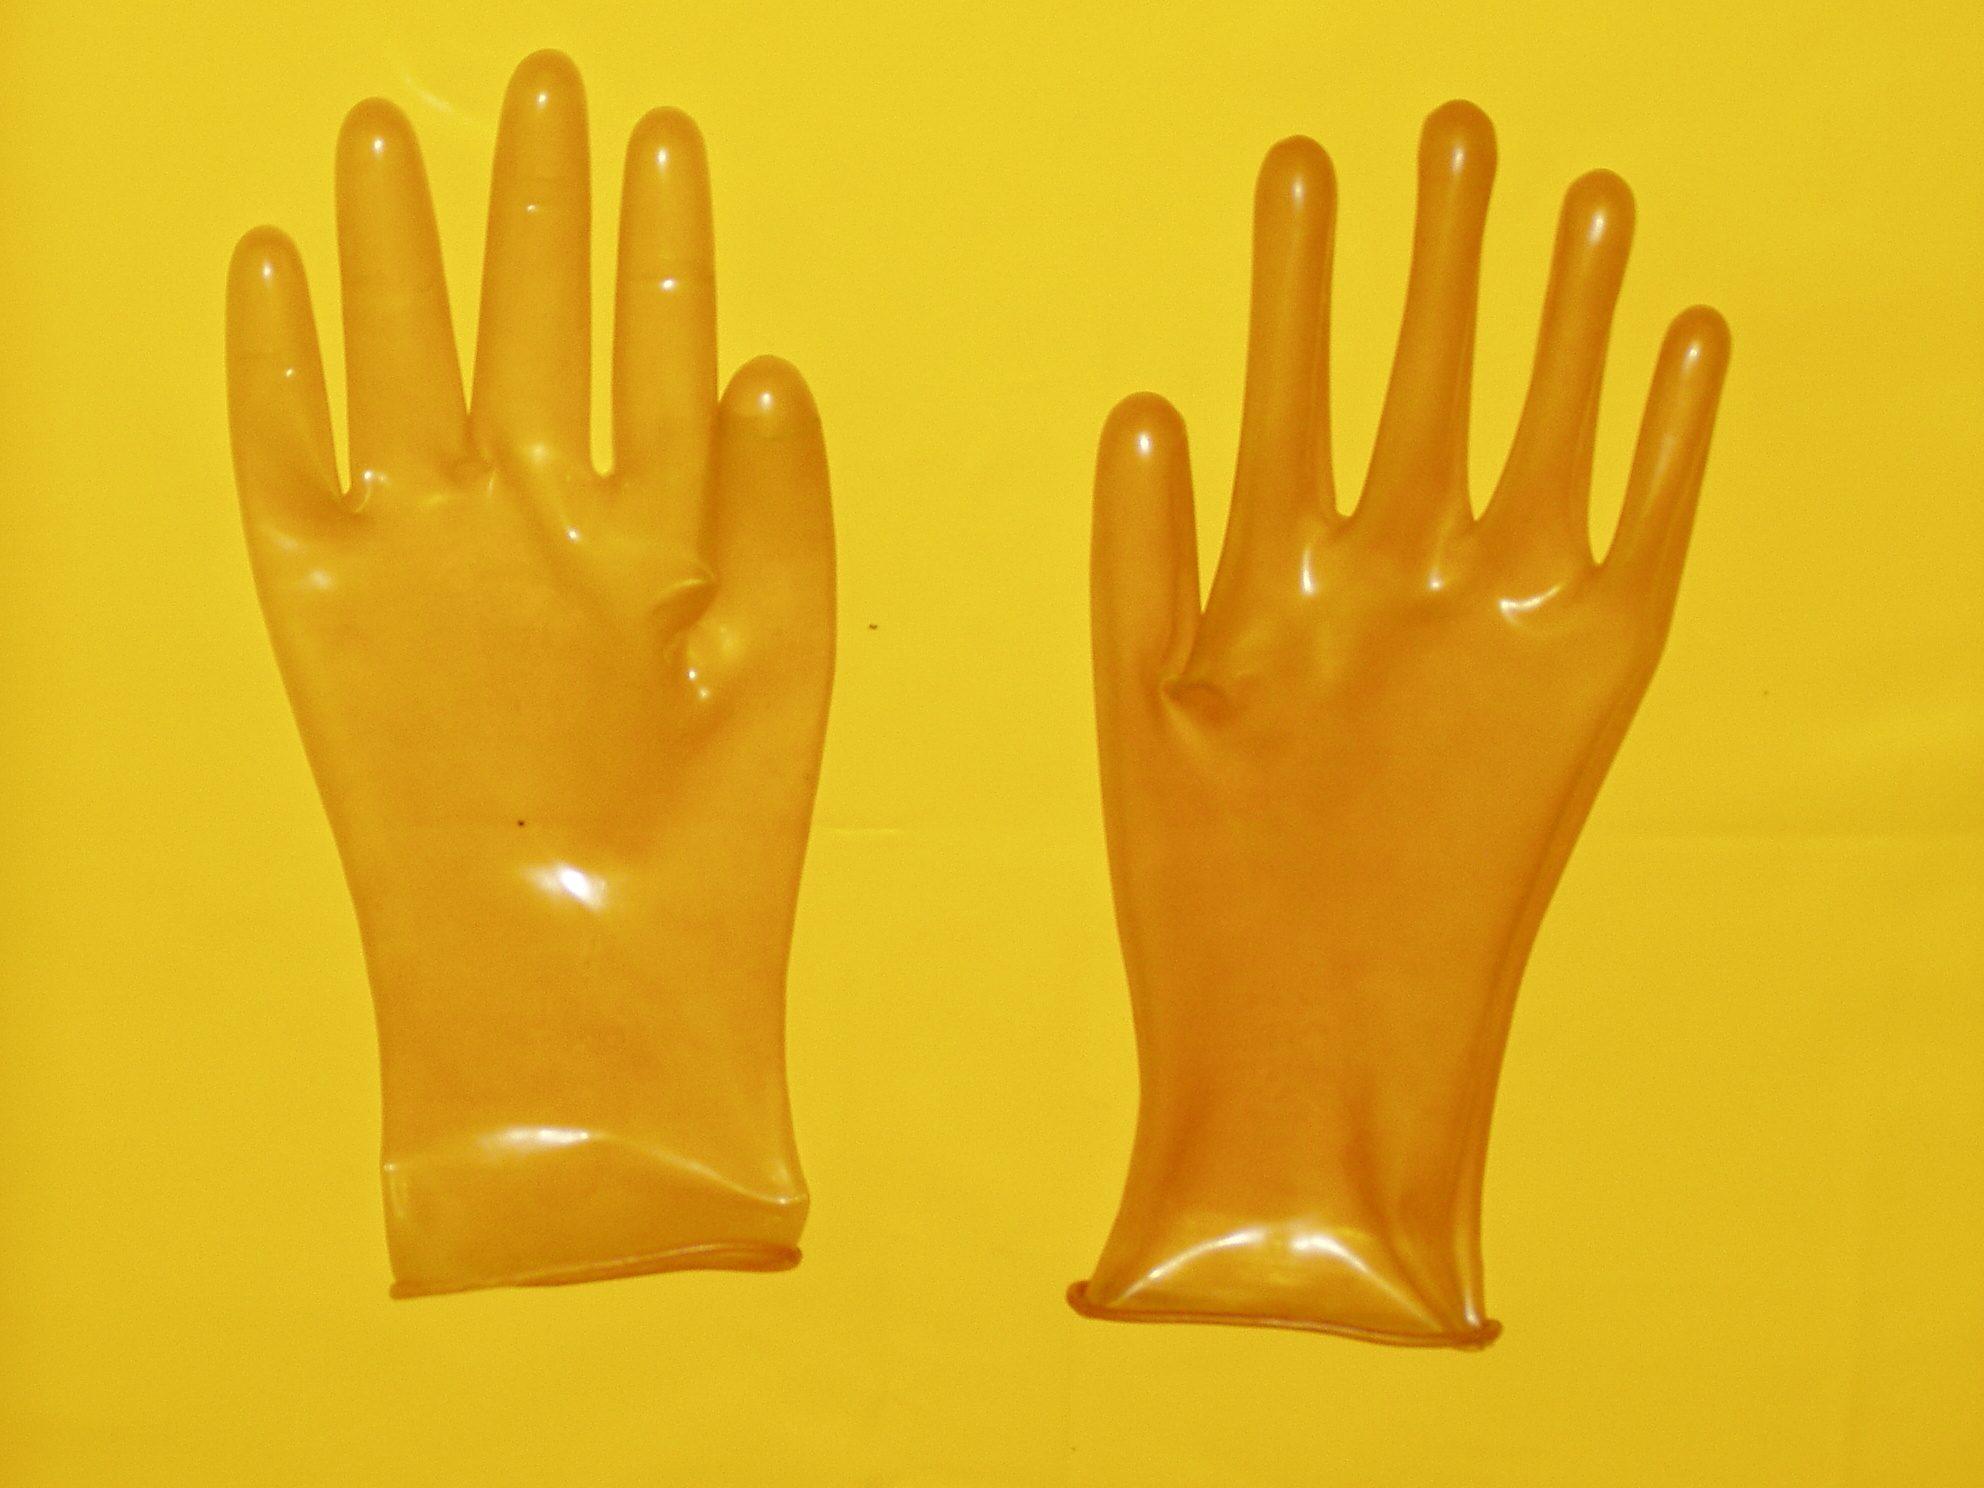 (991) hochglänzende transparente Latexhandschuhe Gr. 7,5 neu